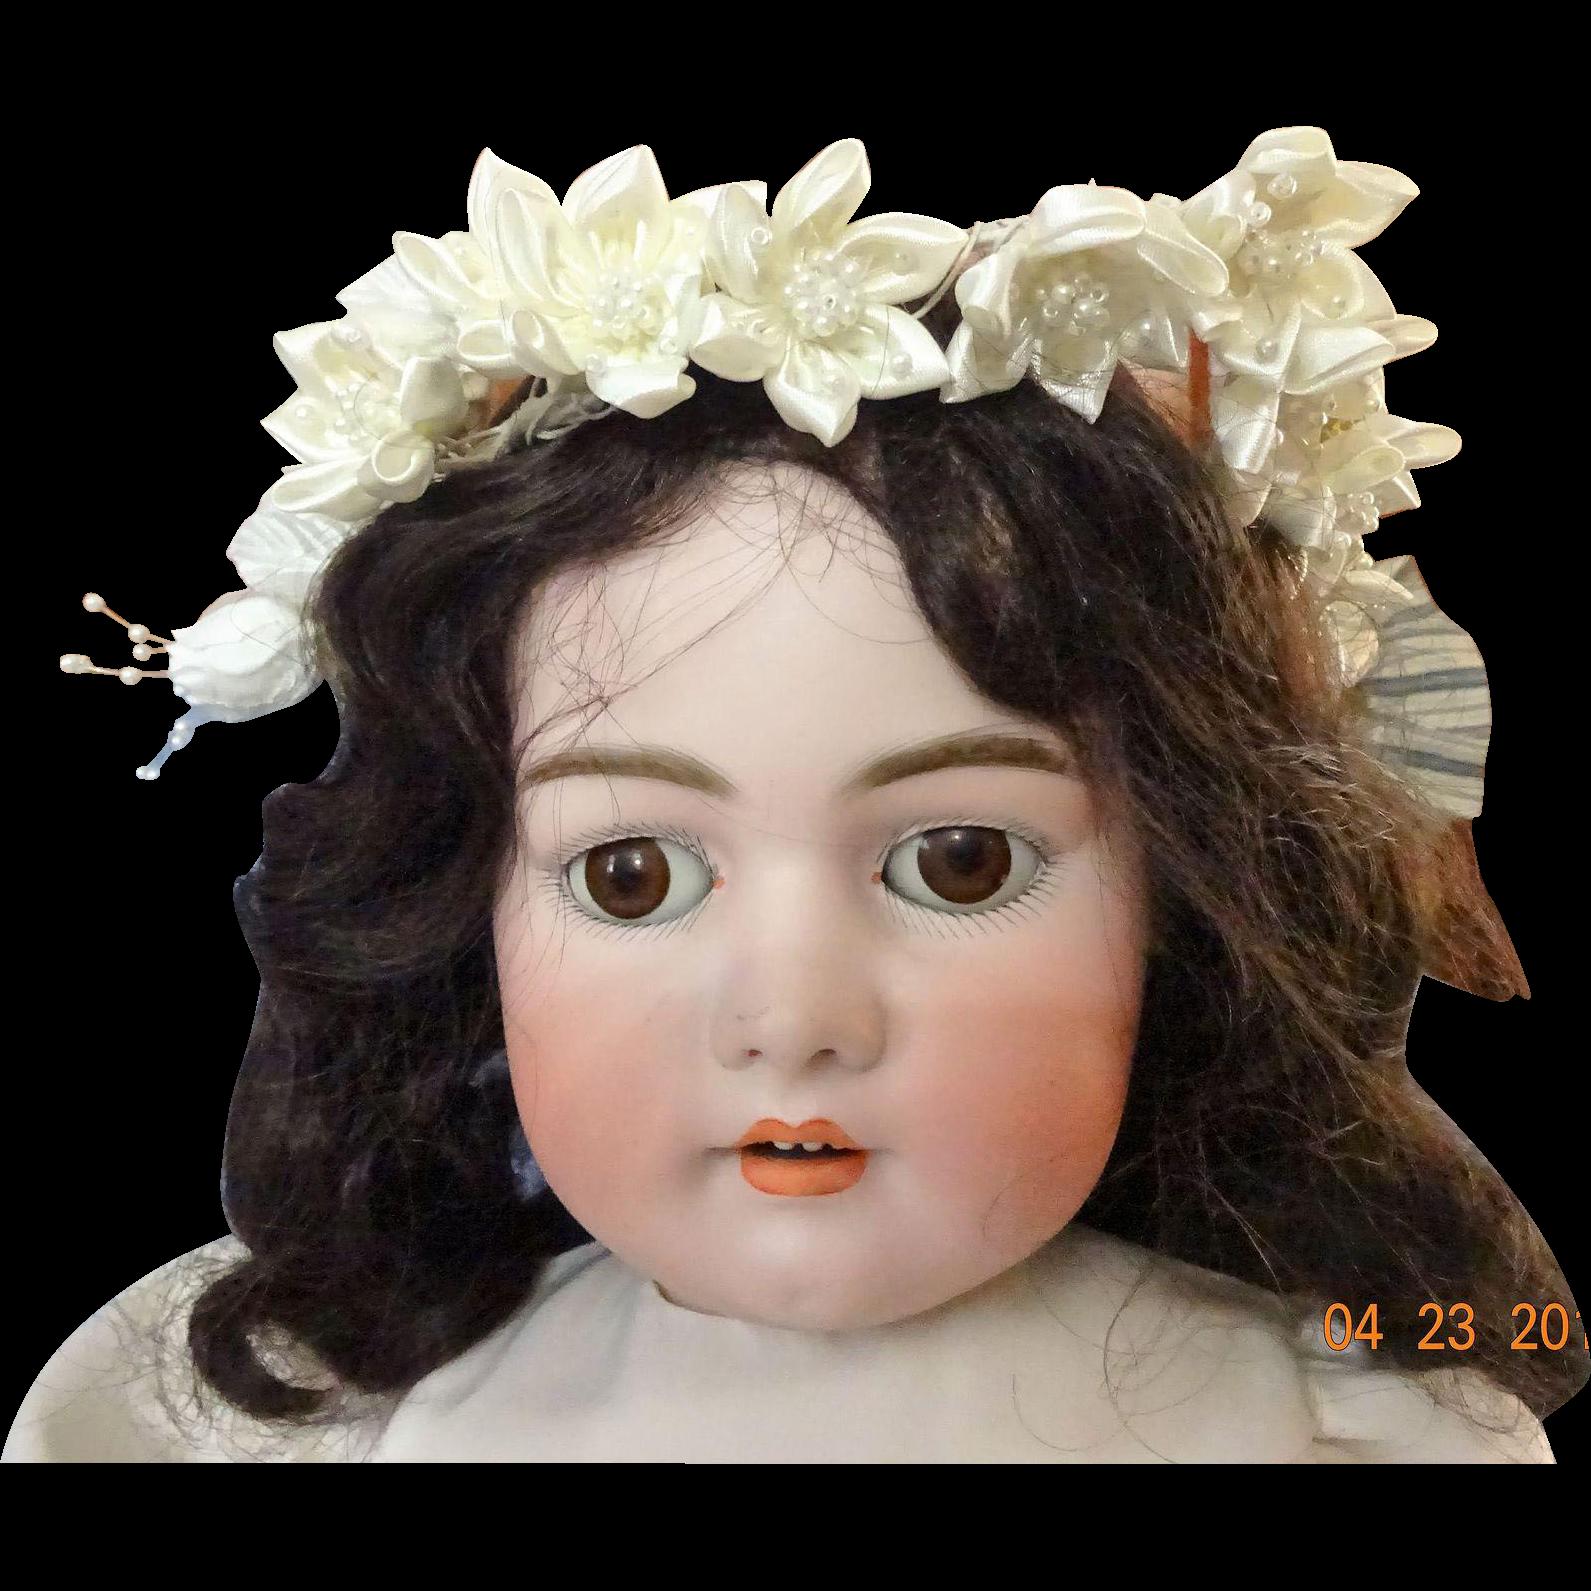 Antique German Bisque Doll